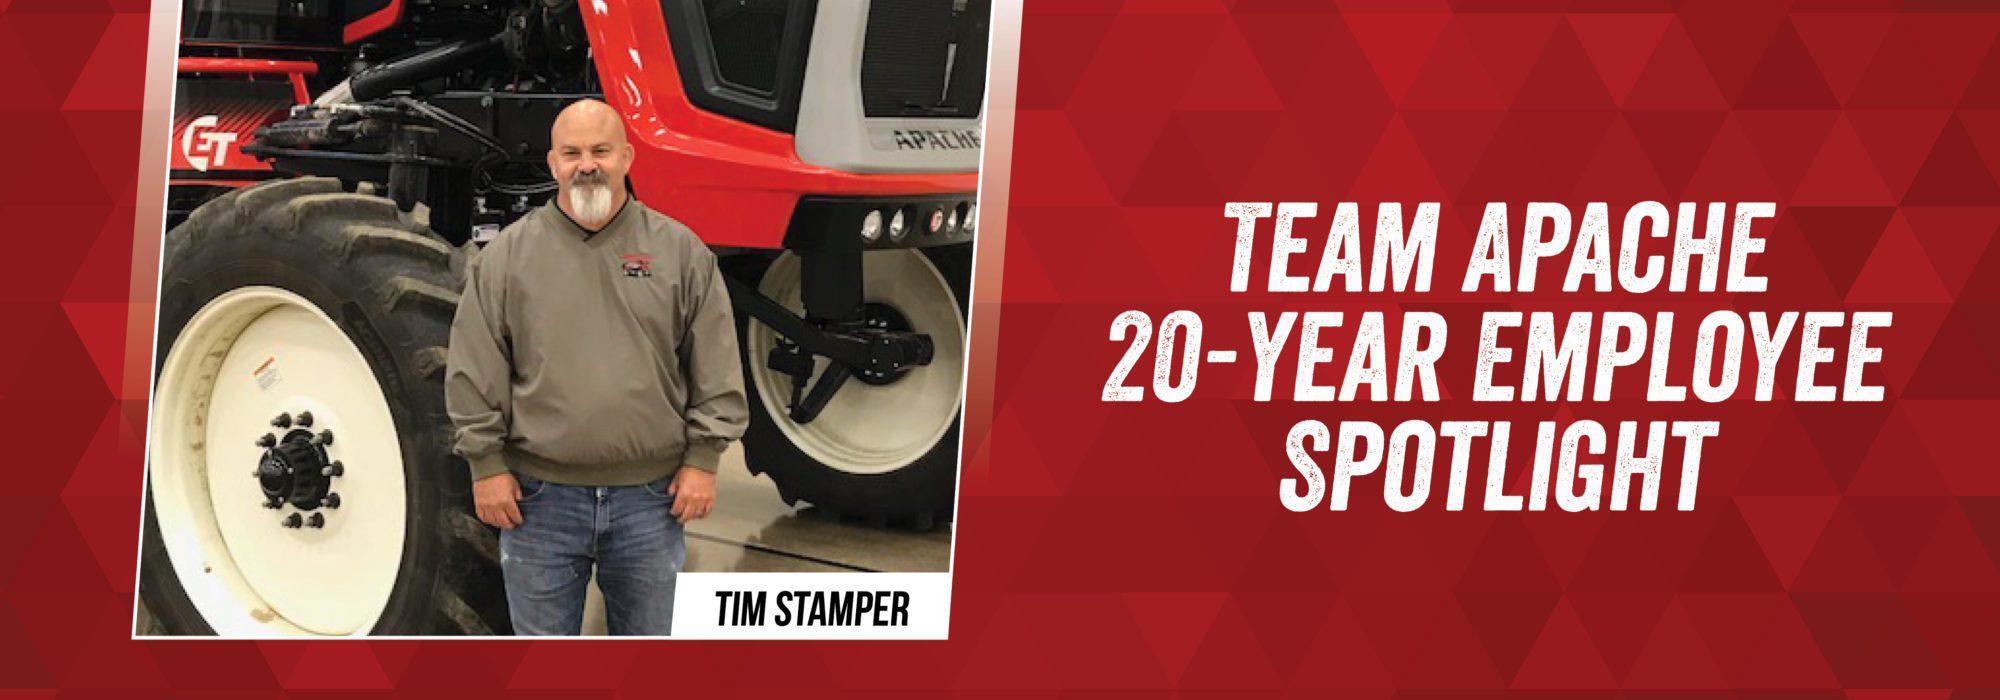 Team Apache - Tim Stamper 20-year journey